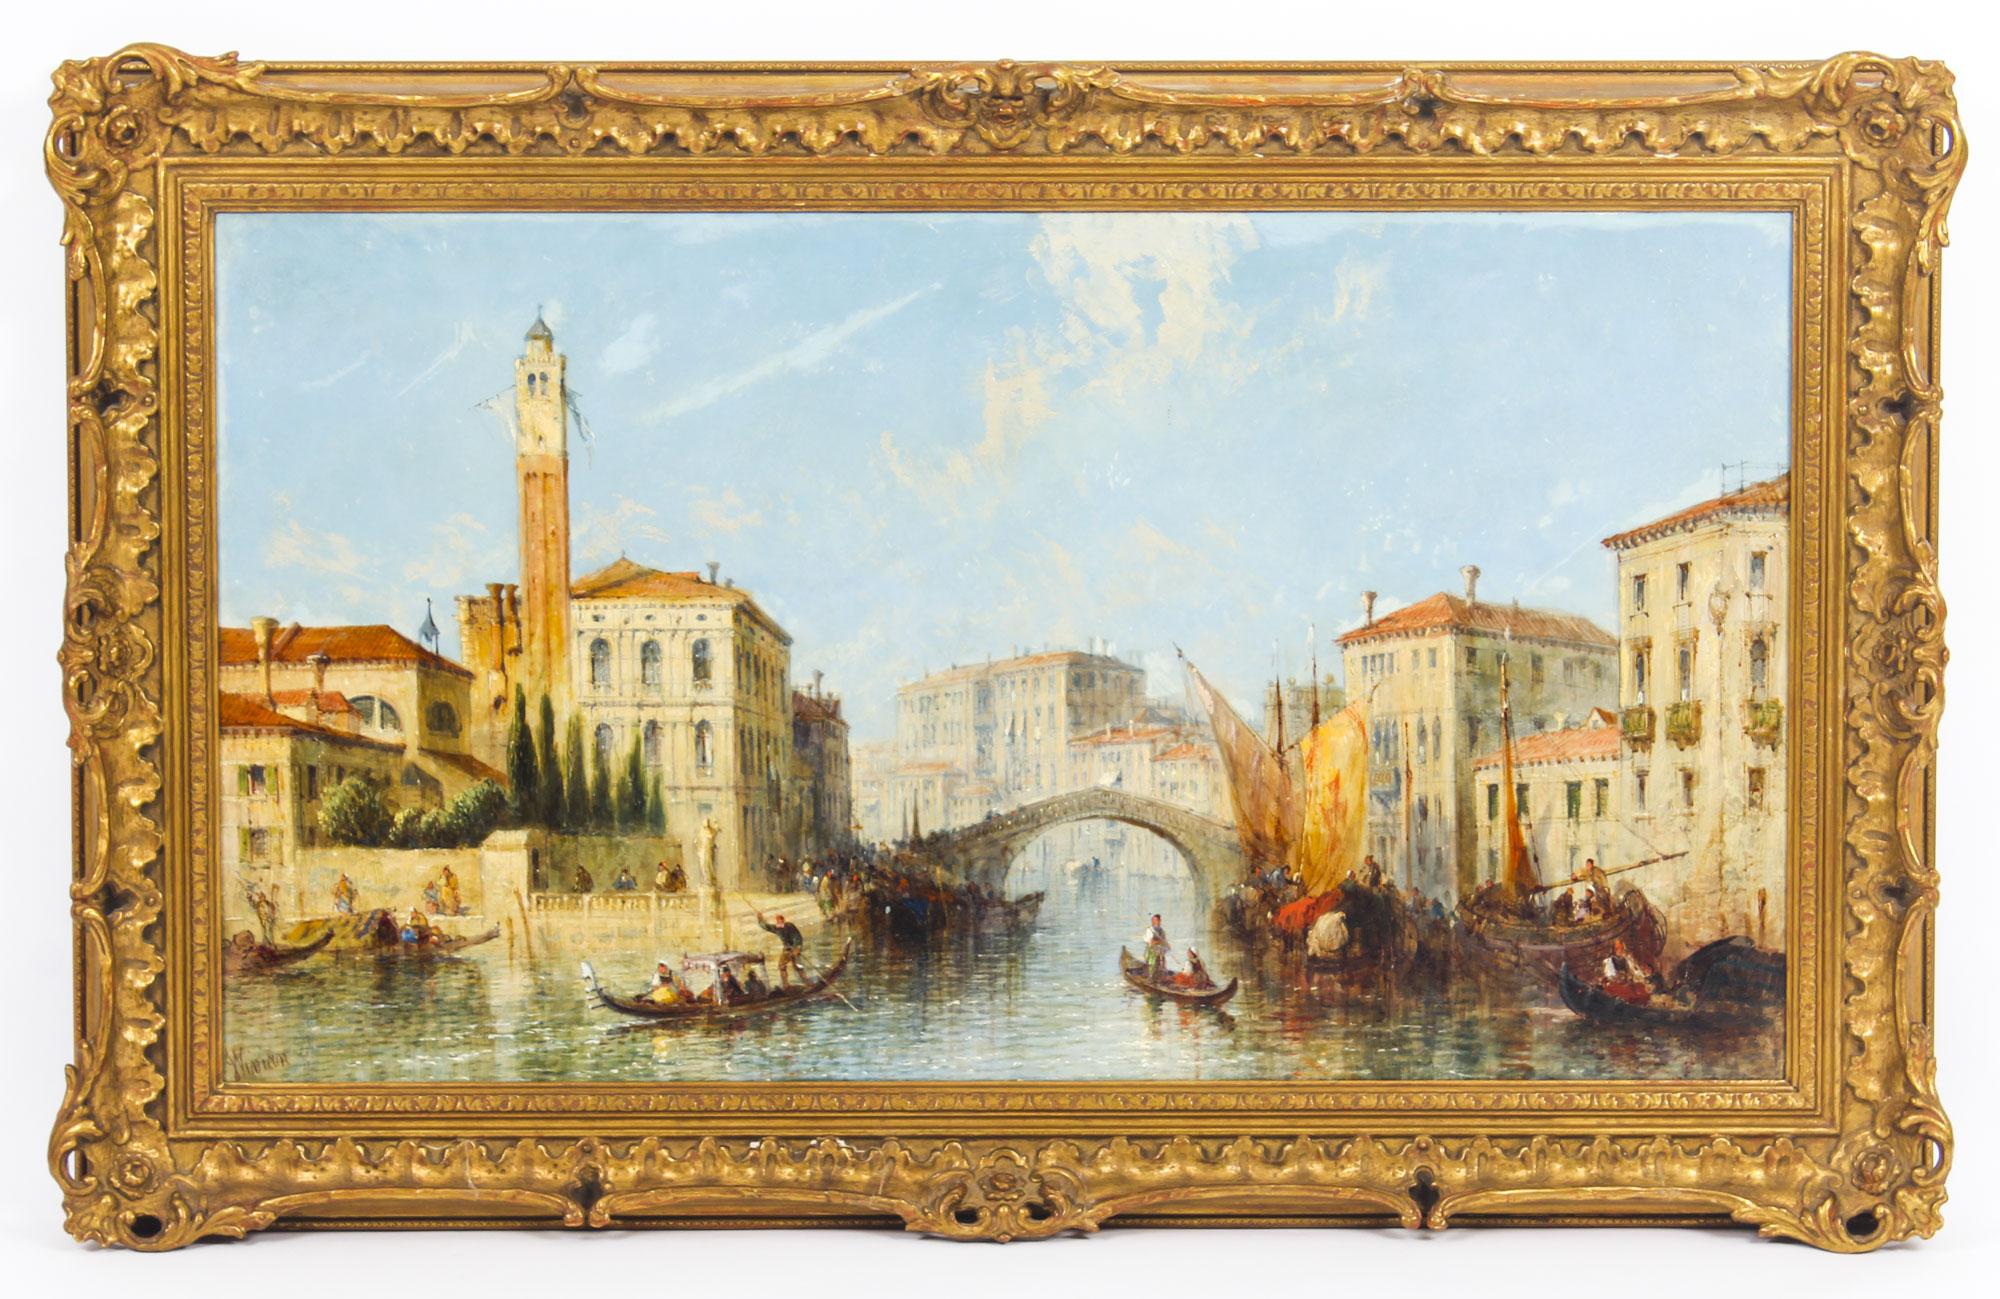 Antique Oil Painting Ref No 09028 Regent Antiques